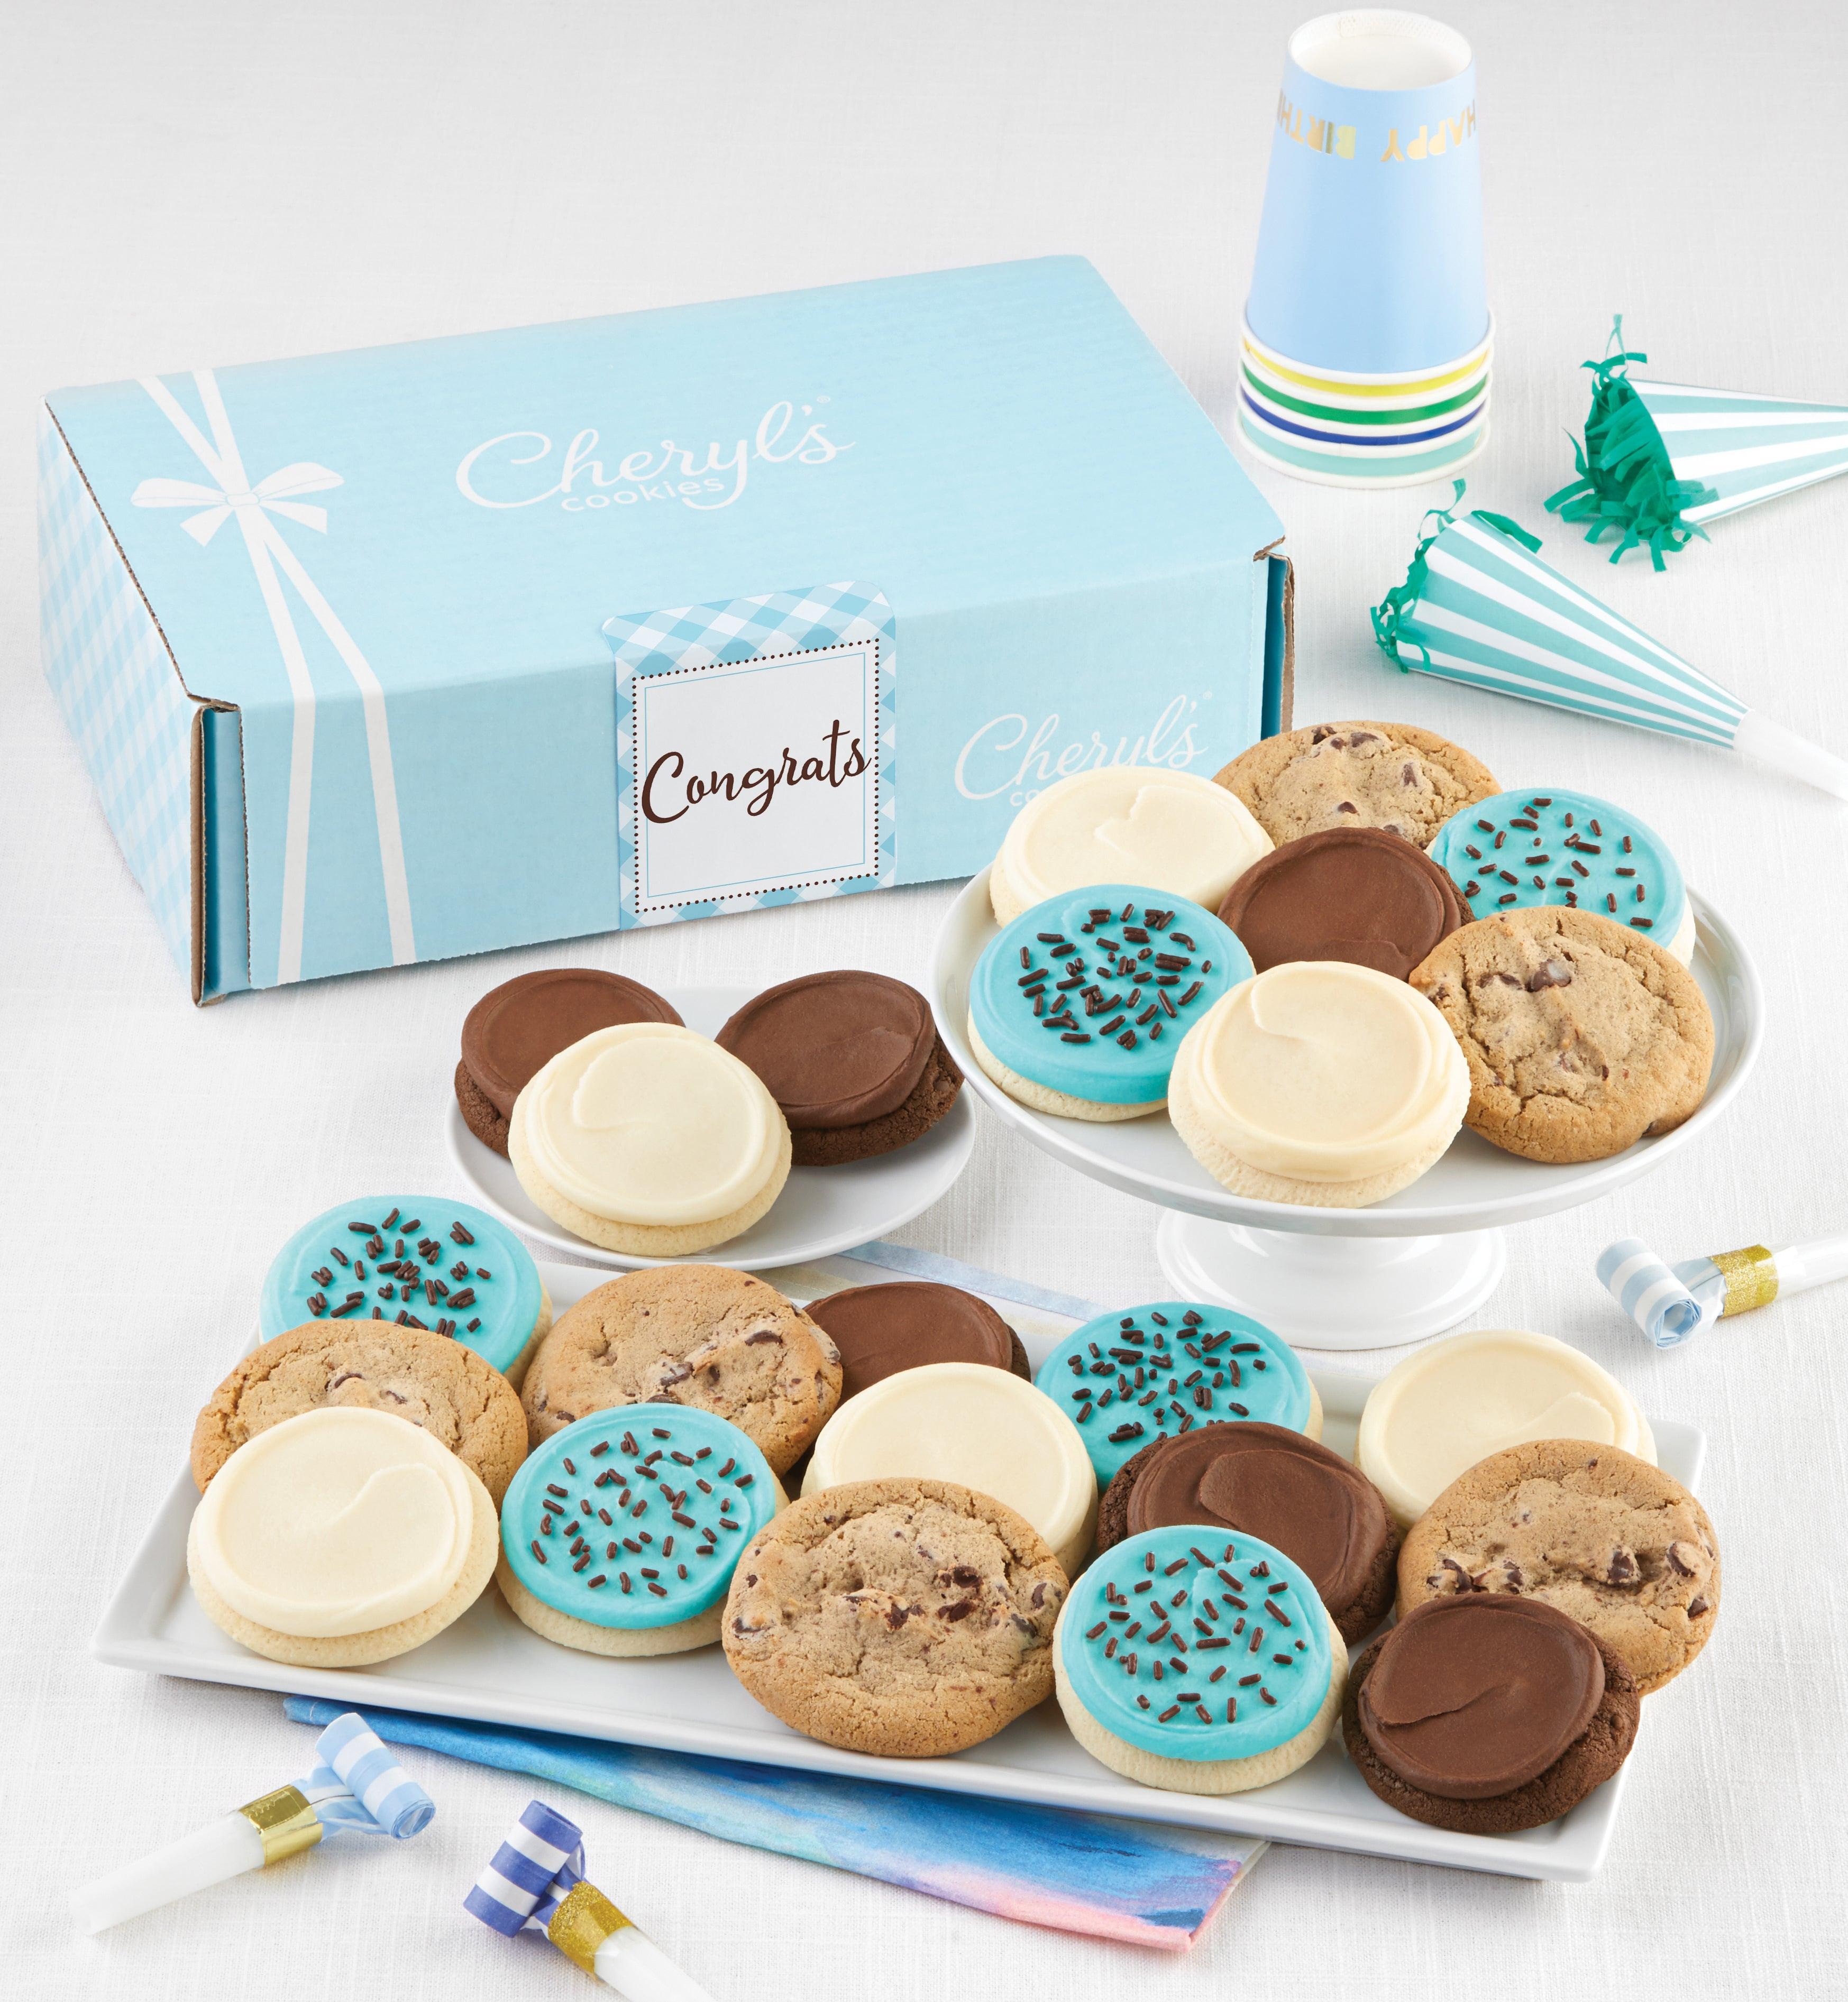 Cheryls Congrats Bow Gift Box Classic Assortment